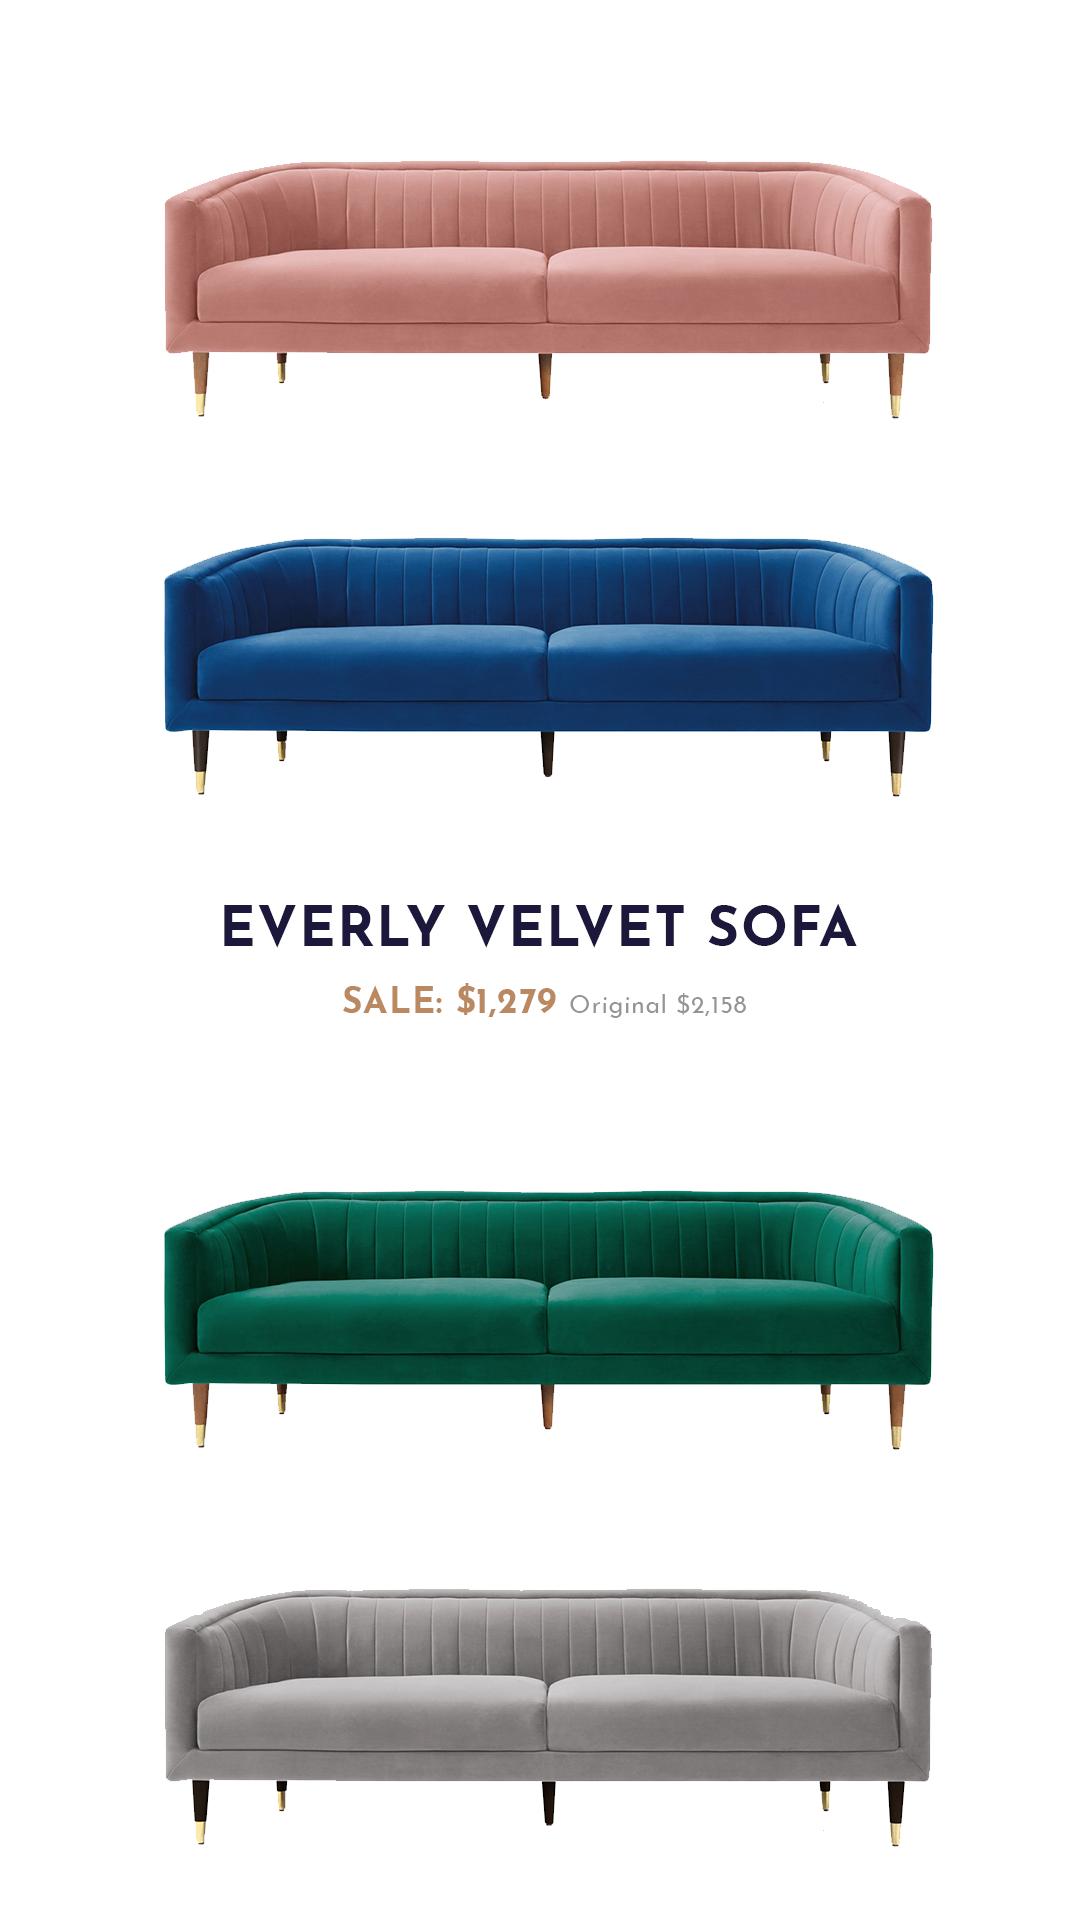 Everly Velvet Sofa Velvet Sofa Living Room Sofa Sofa Styling